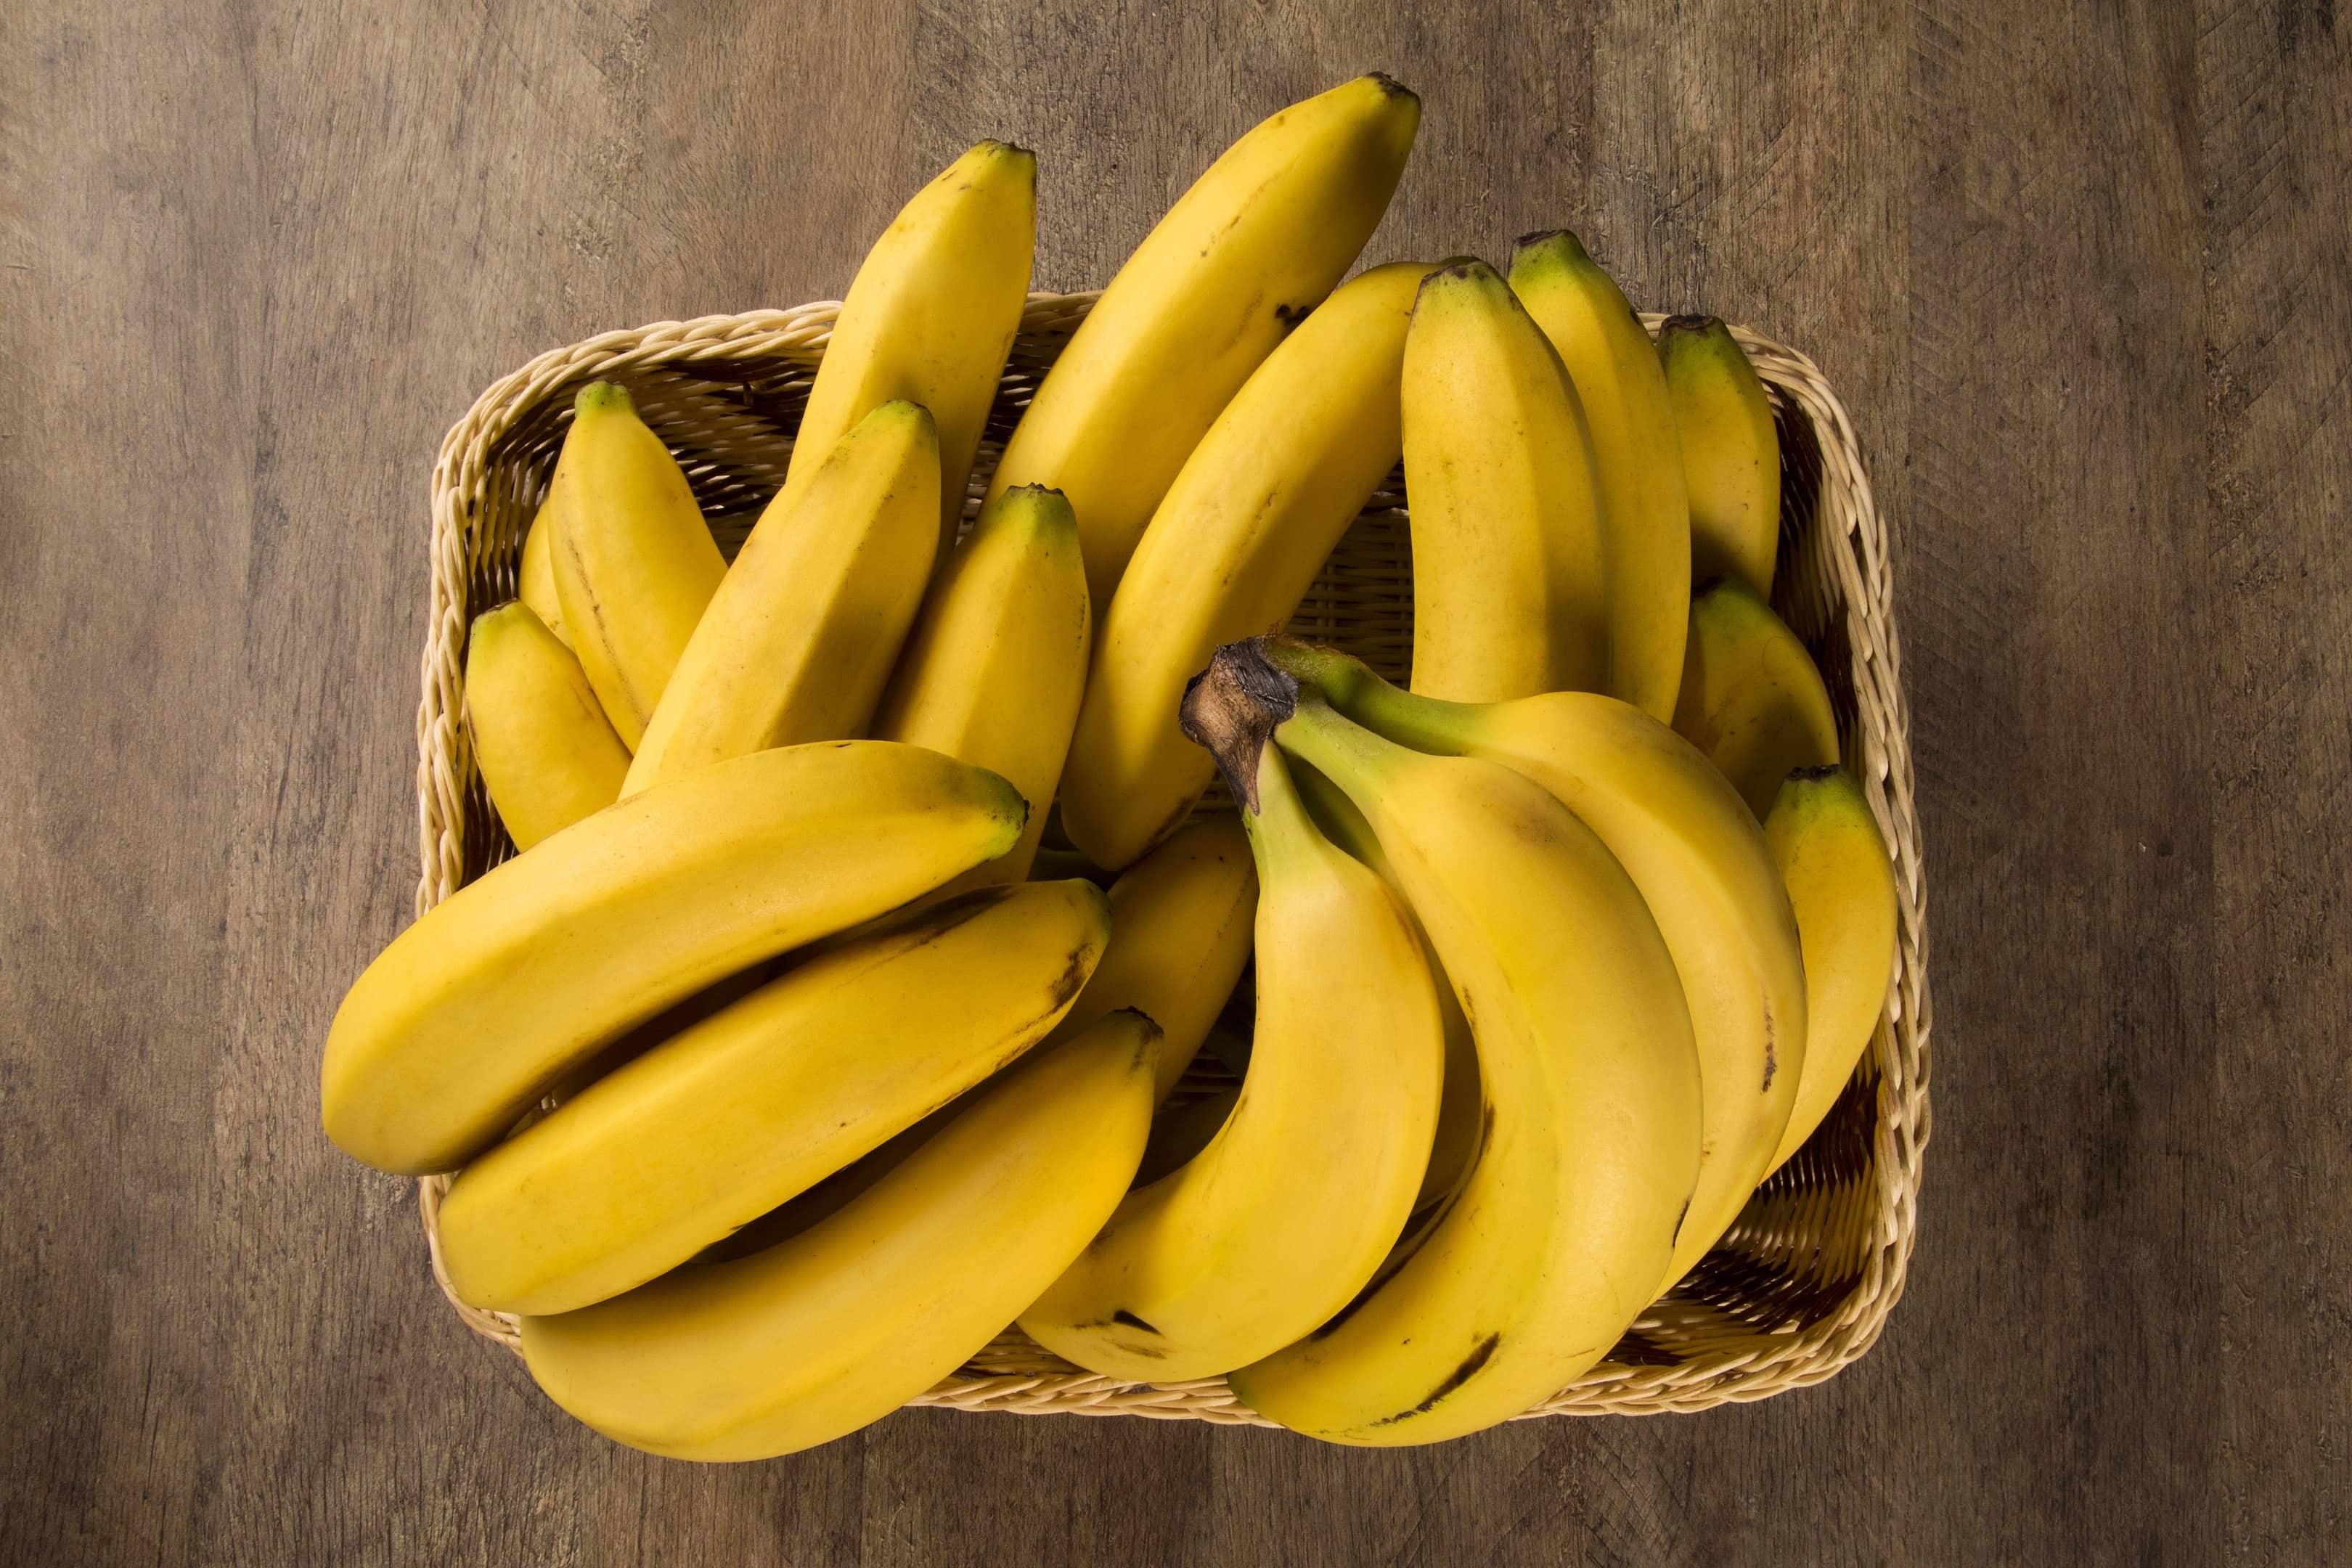 Bunch of bananas in basket